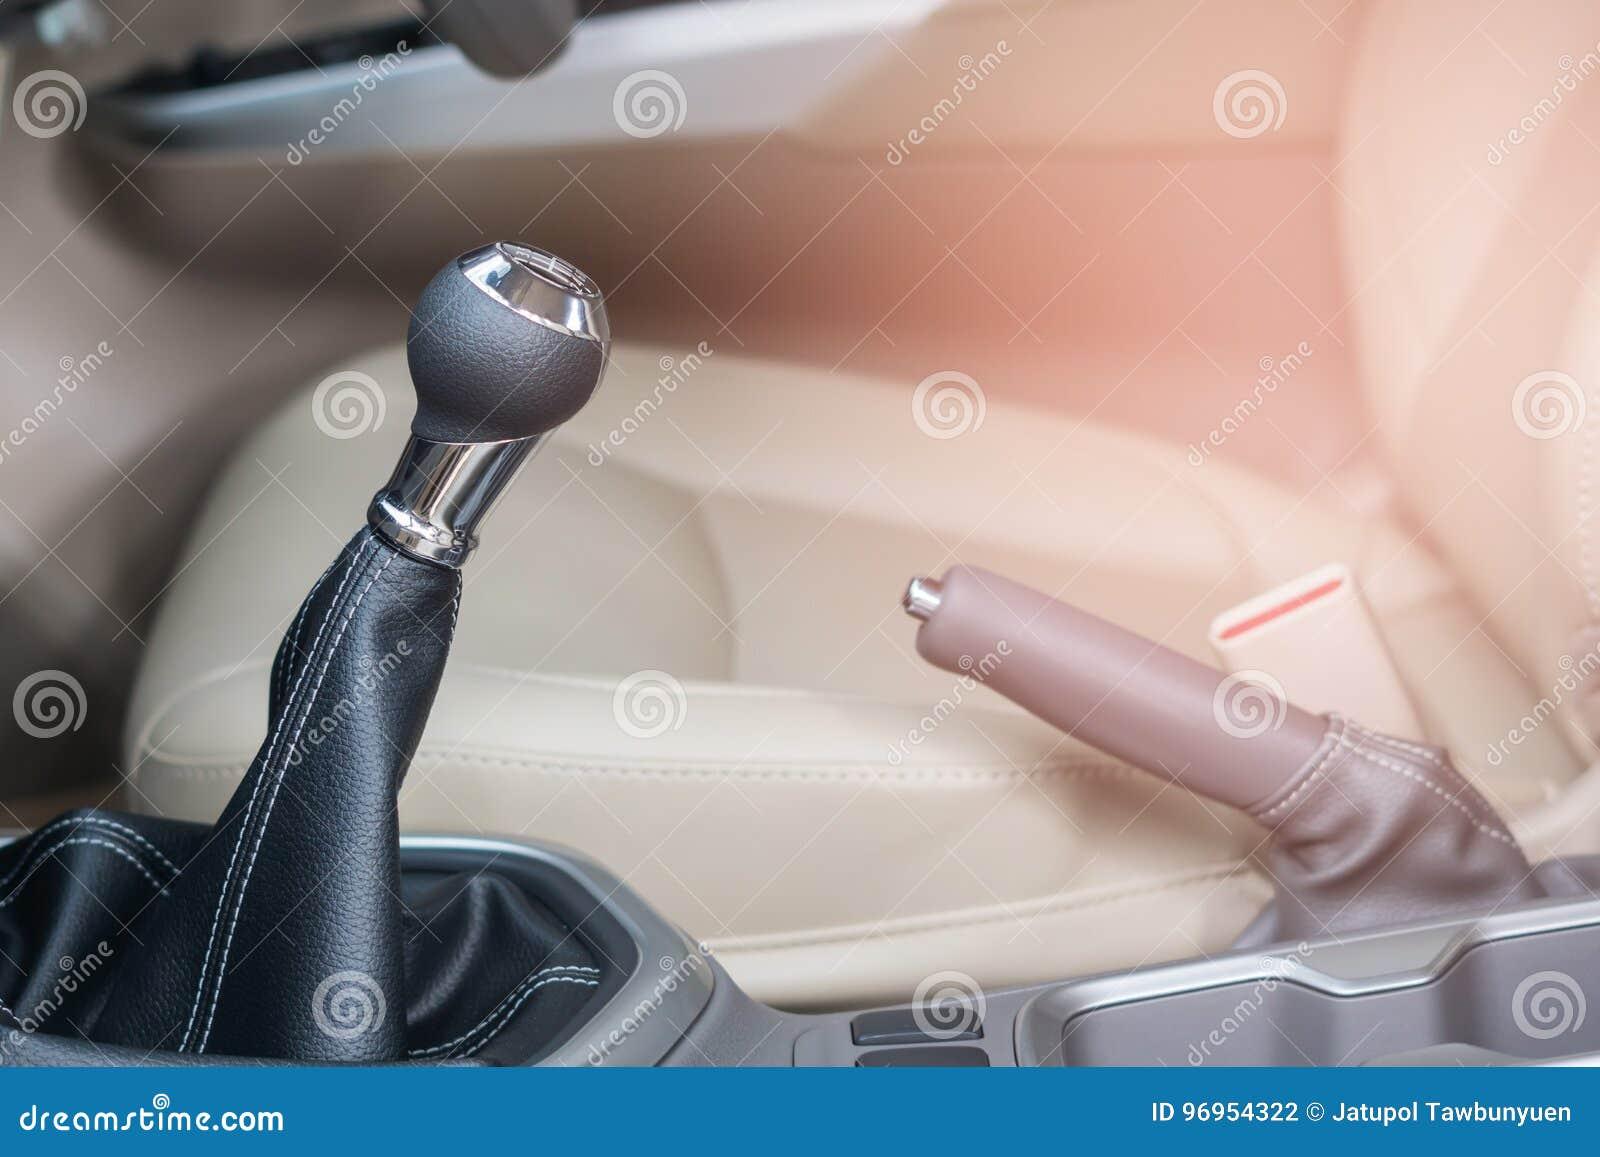 Переключение механизма в современном интерьере автомобиля